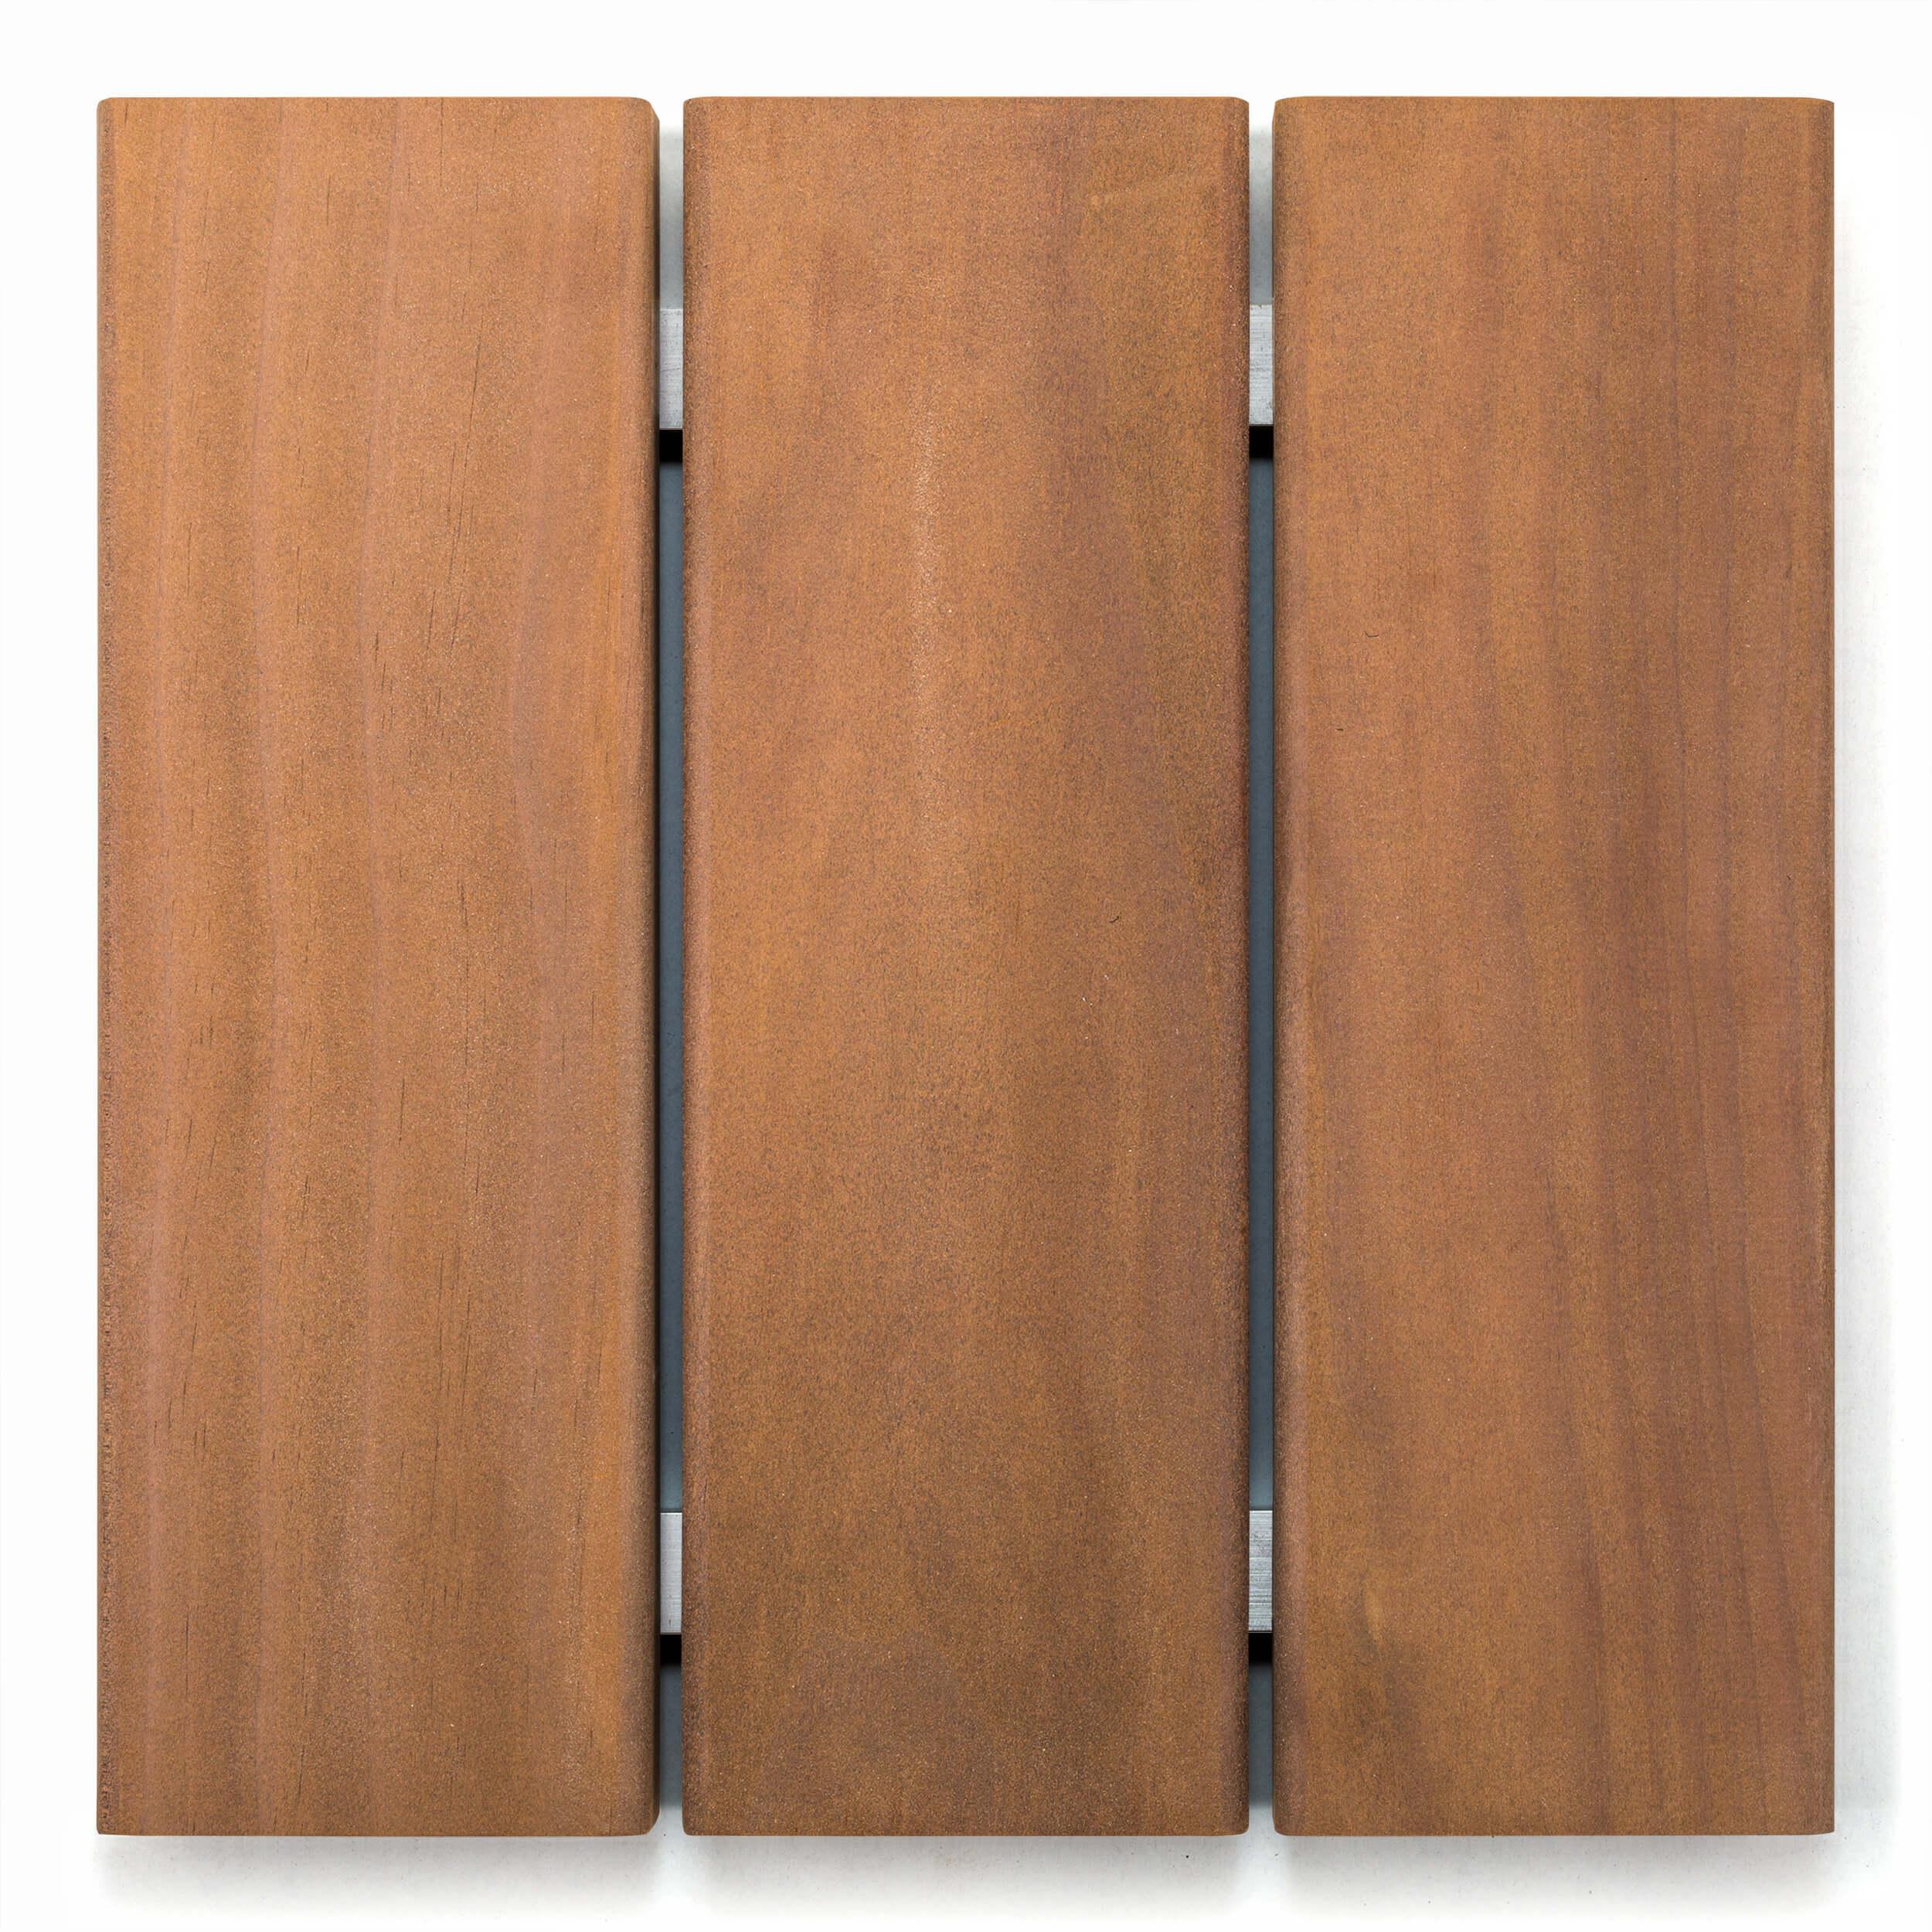 Kennen sie schon Kebony? - Kebony besticht durch eine samtig anmutende Oberfläche. Kebony Clear wird aus FSC®-zertifizierter Pinus Radiata (Kiefernart)hergestellt, die mit einer biologischen Flüssigkeit behandelt wurde.